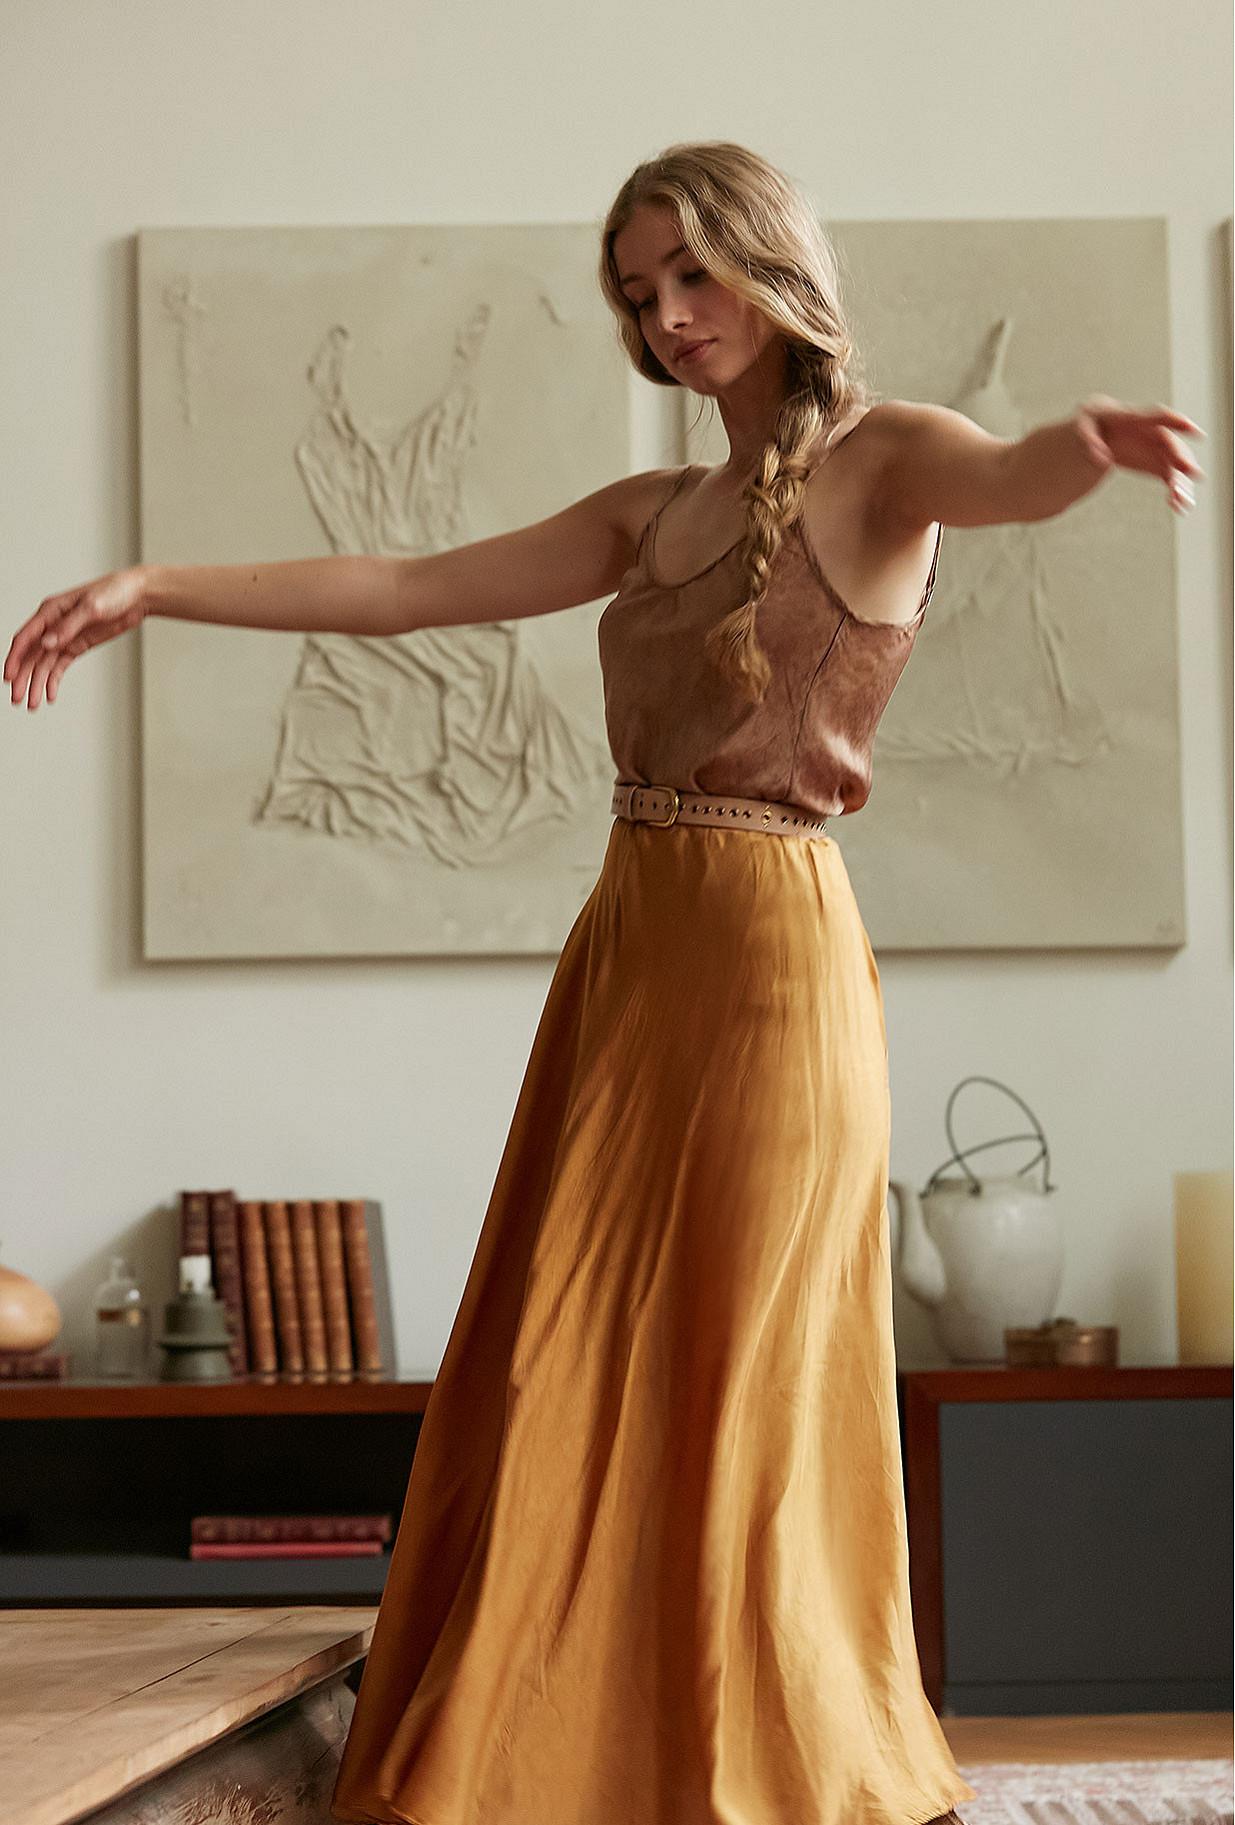 Ocre  Skirt  Libre Mes demoiselles fashion clothes designer Paris